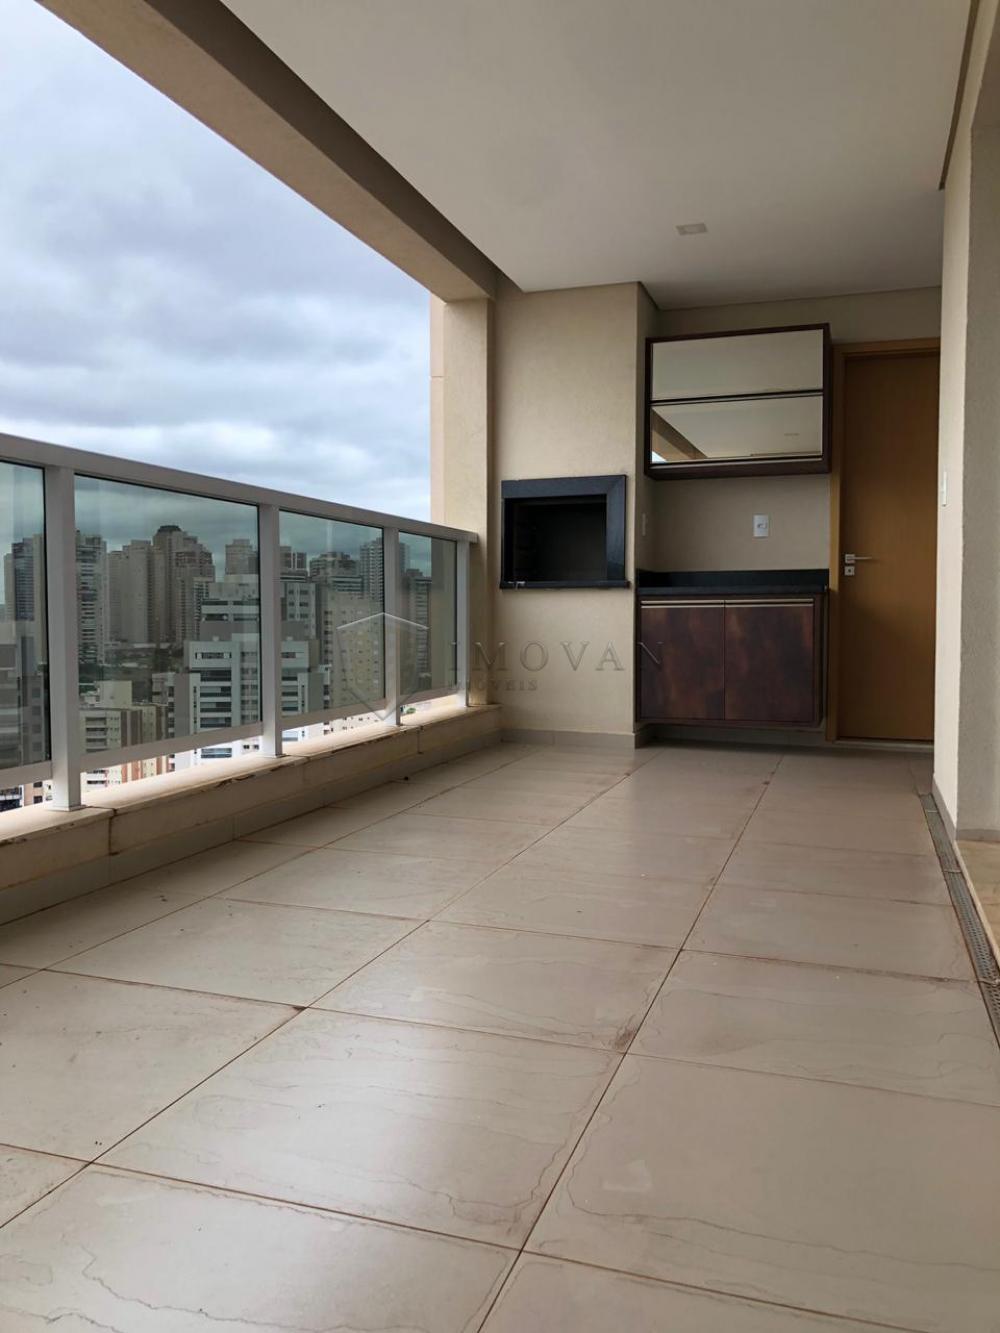 Alugar Apartamento / Padrão em Ribeirão Preto apenas R$ 3.200,00 - Foto 22